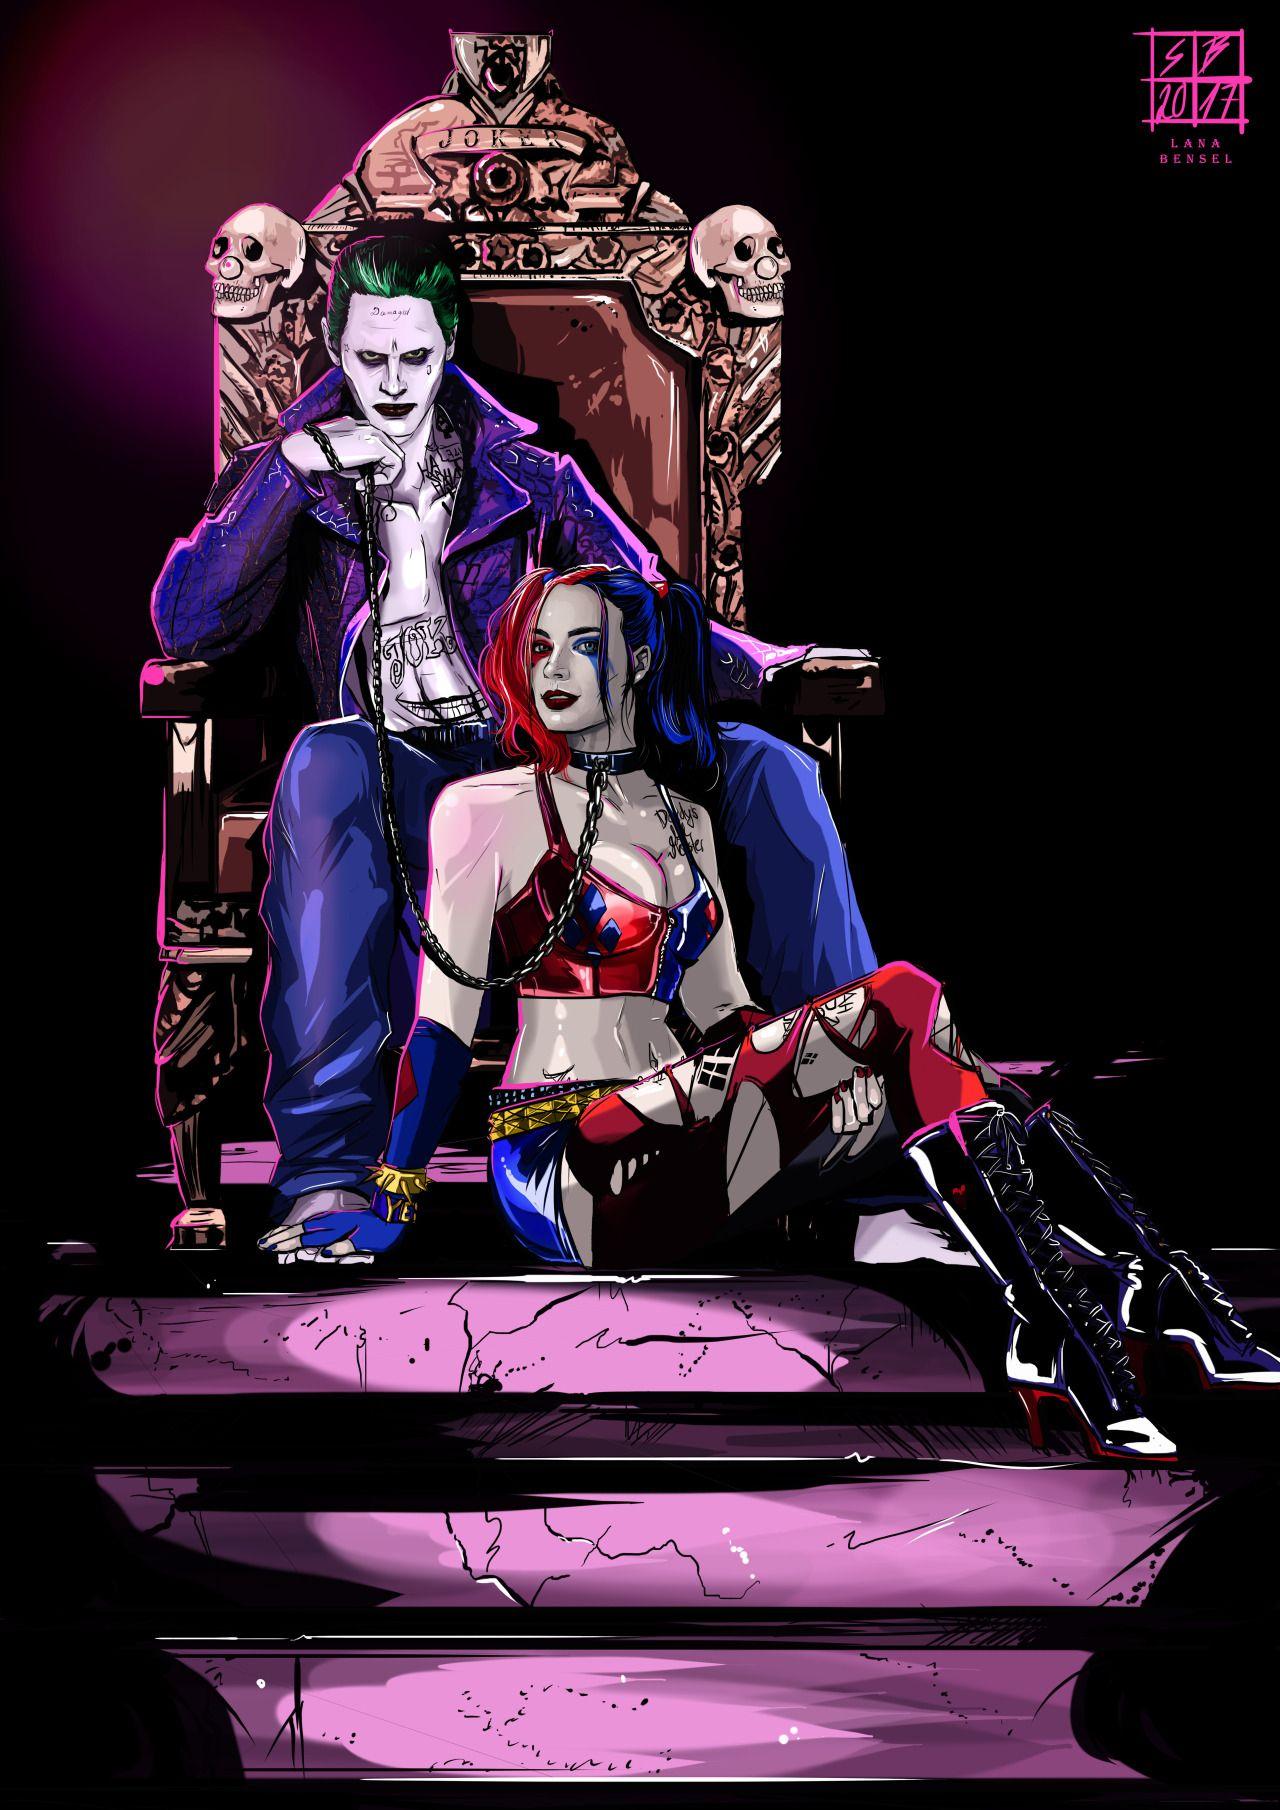 Pin On Joker And Harley Quinn